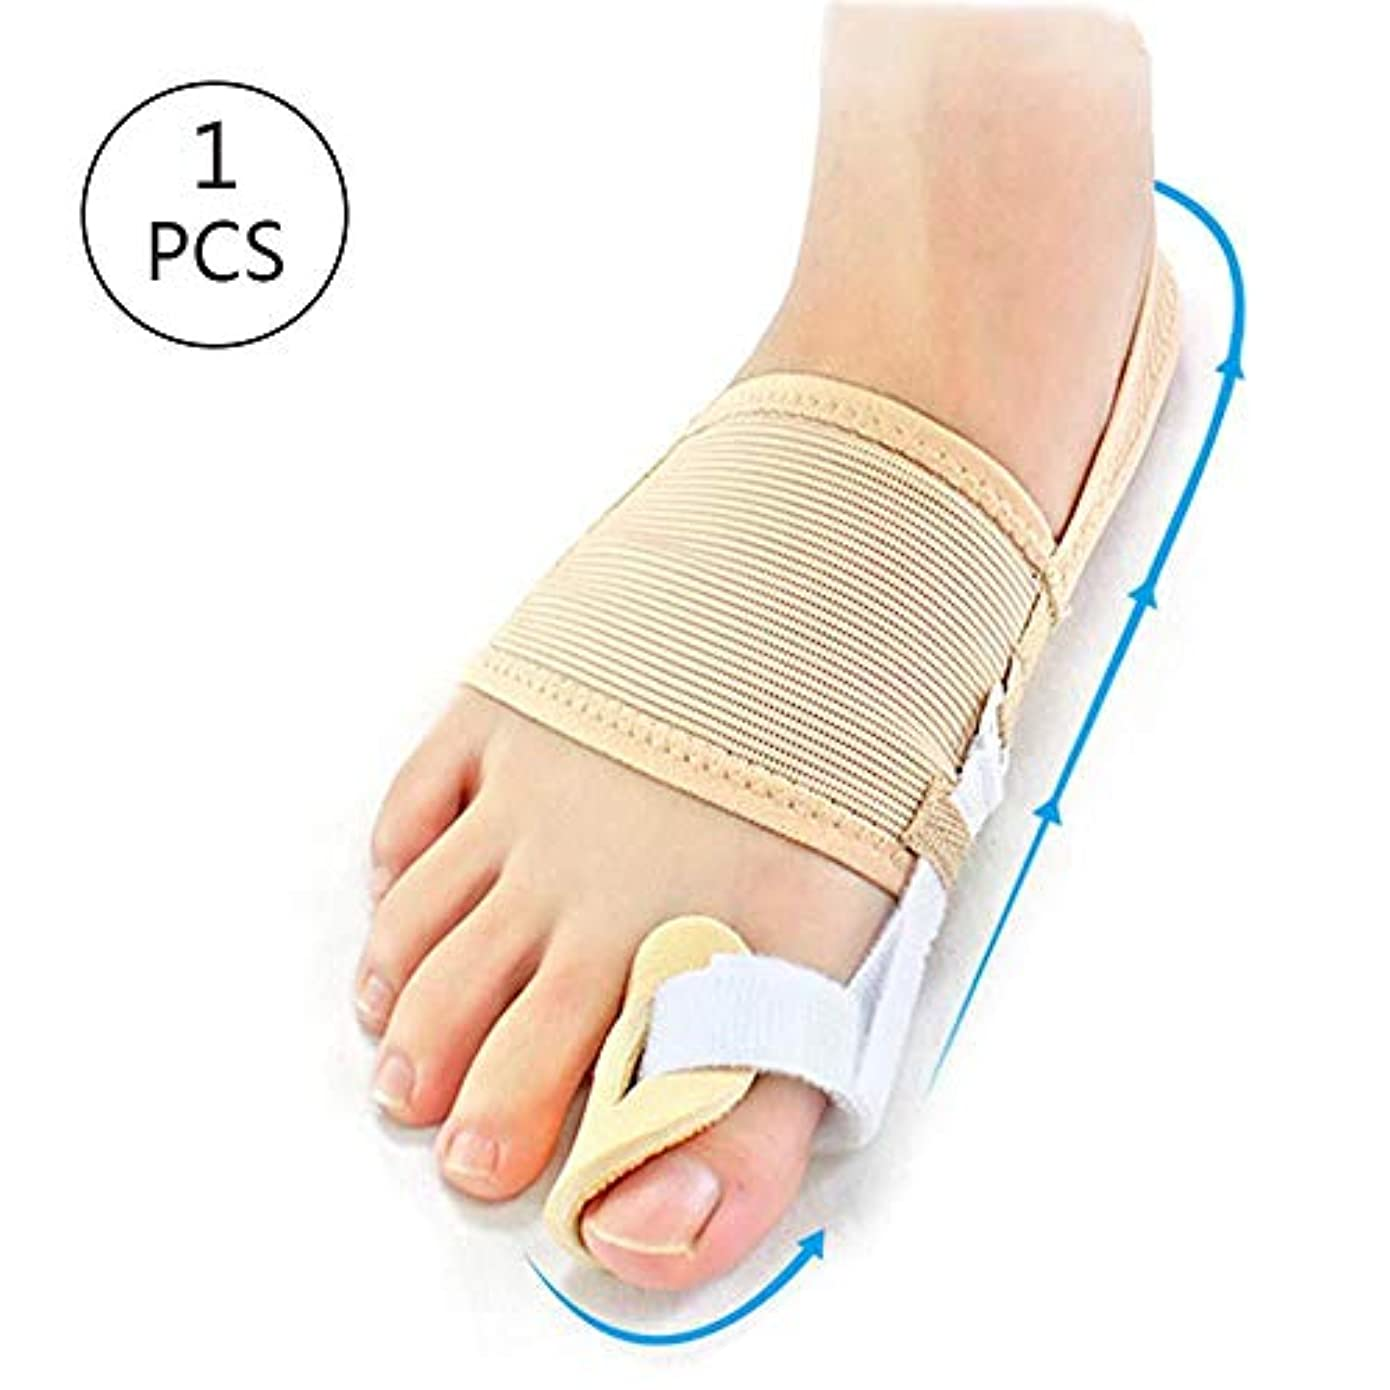 ちなみに章非難する外反母tho、外反母、ナイトスプリント、足の親指、矯正、矯正、足指、整形外科、痛みの緩和とサポート(1)ユニバーサル